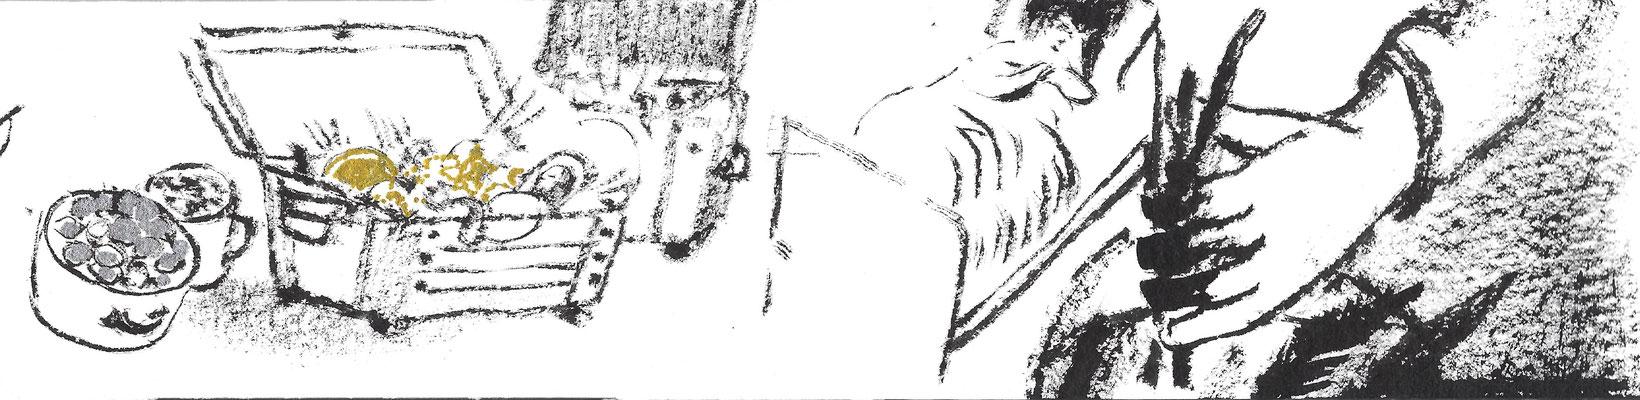 Streifen 4, Bild 14